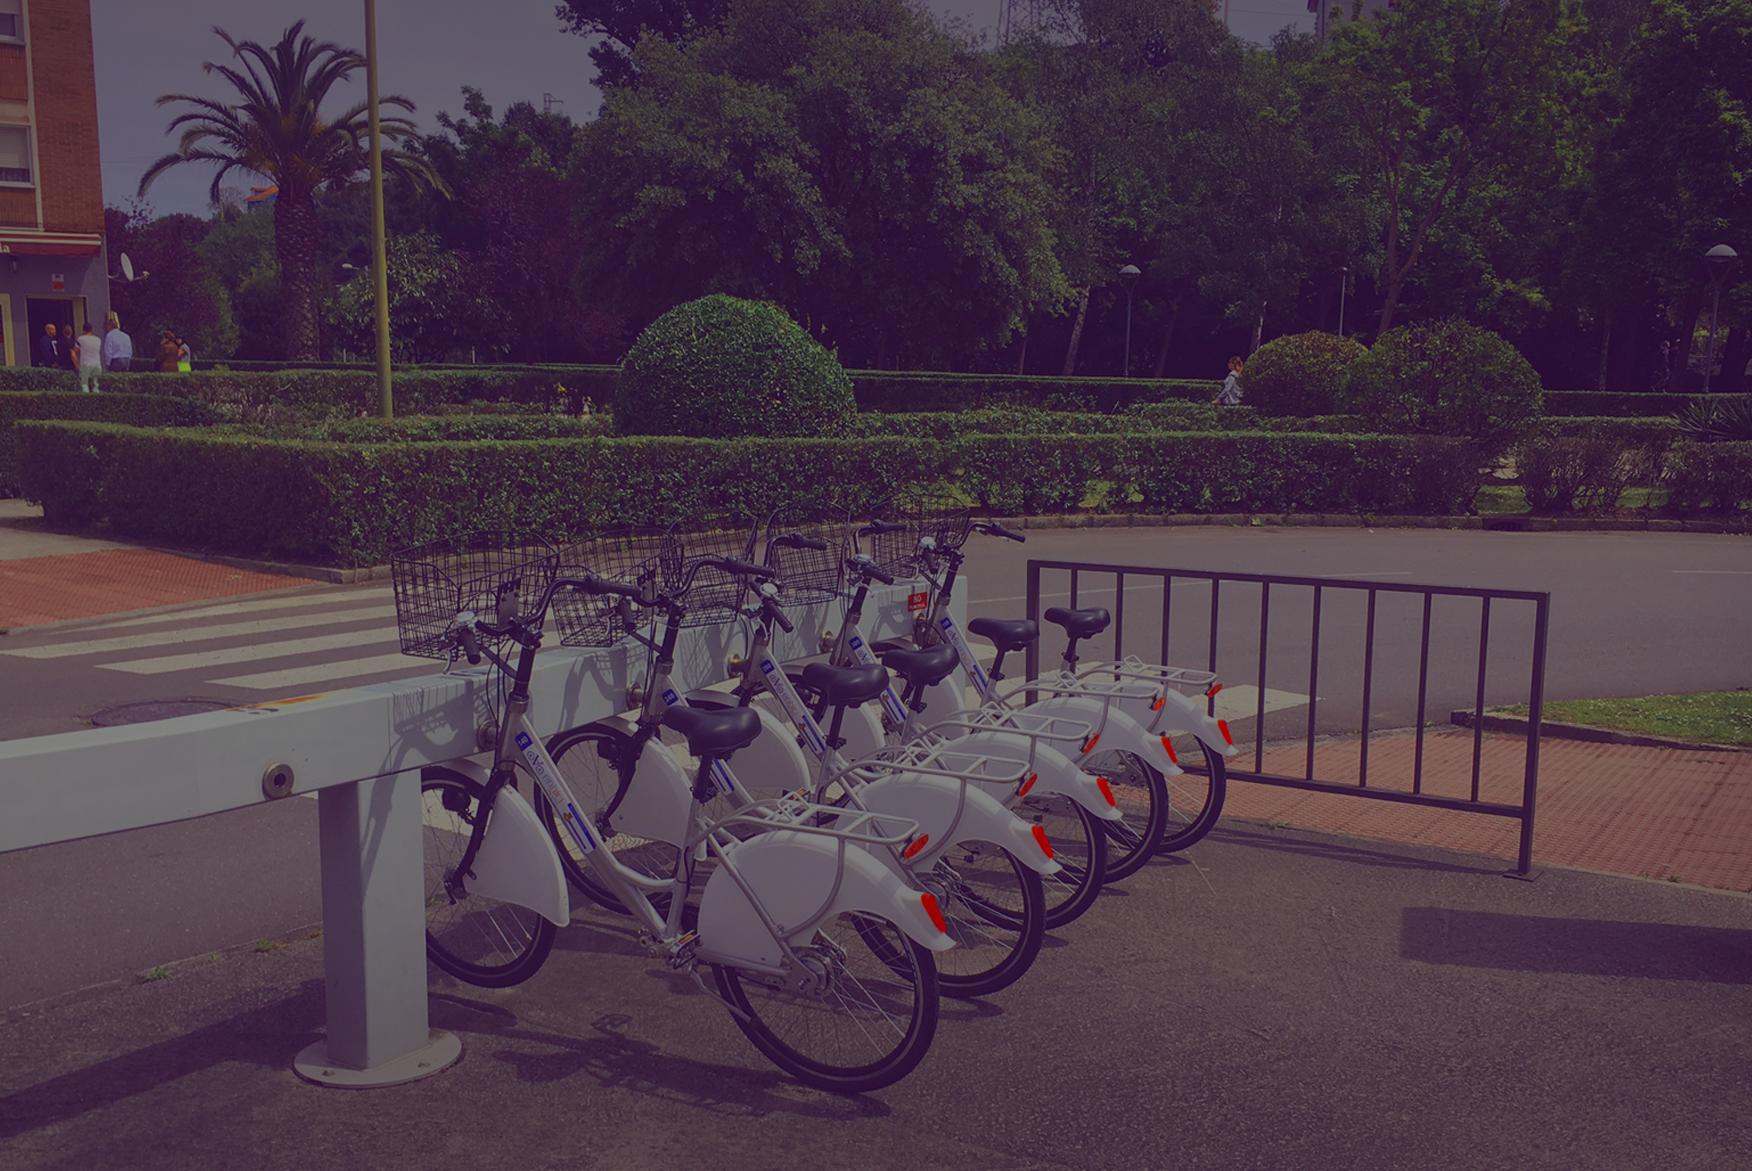 imagen de fondo bicicletas y jardines